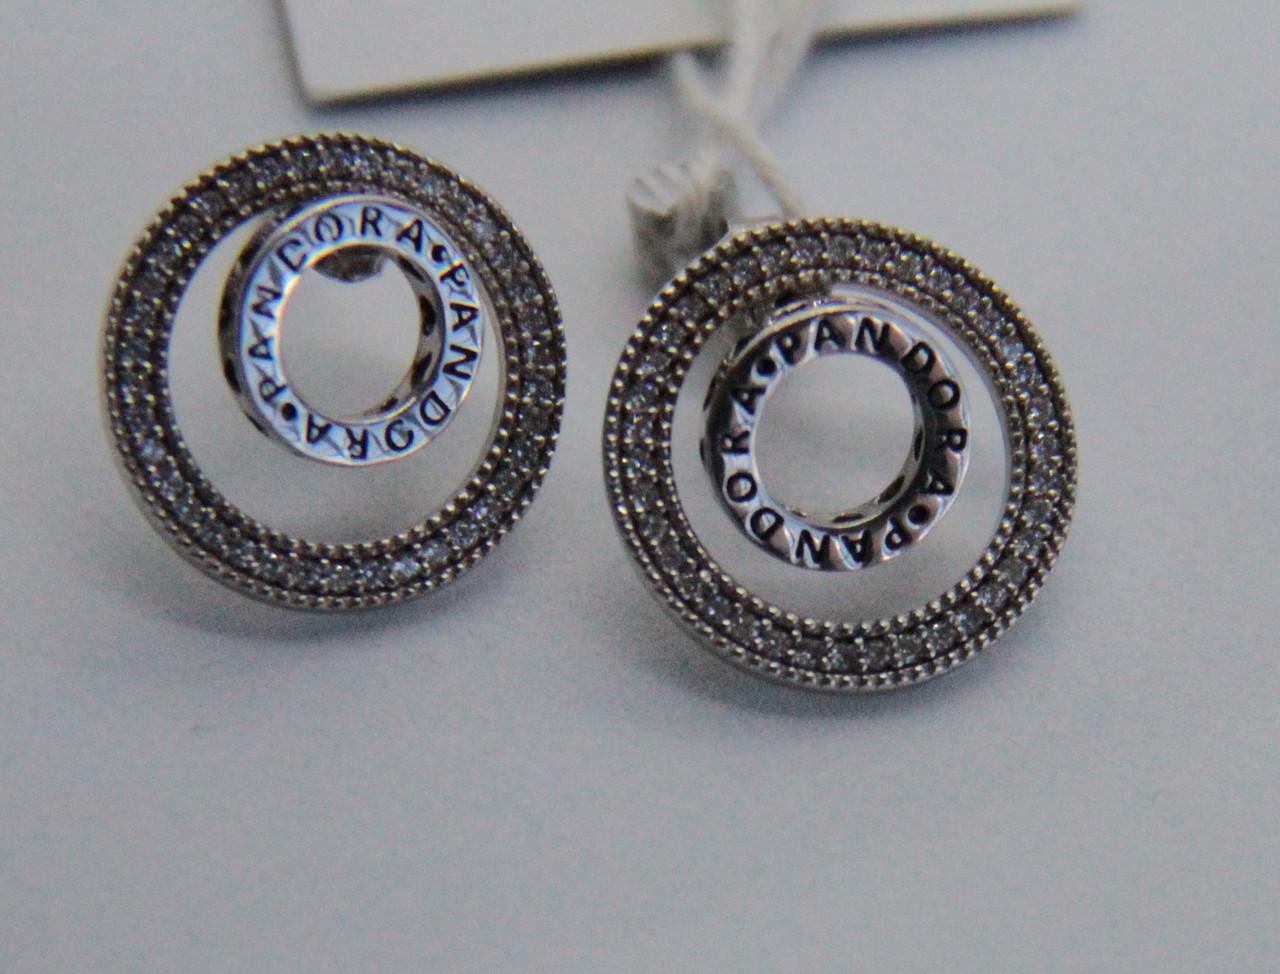 Сережки зі срібла Мої прикраси в стилі Pandora